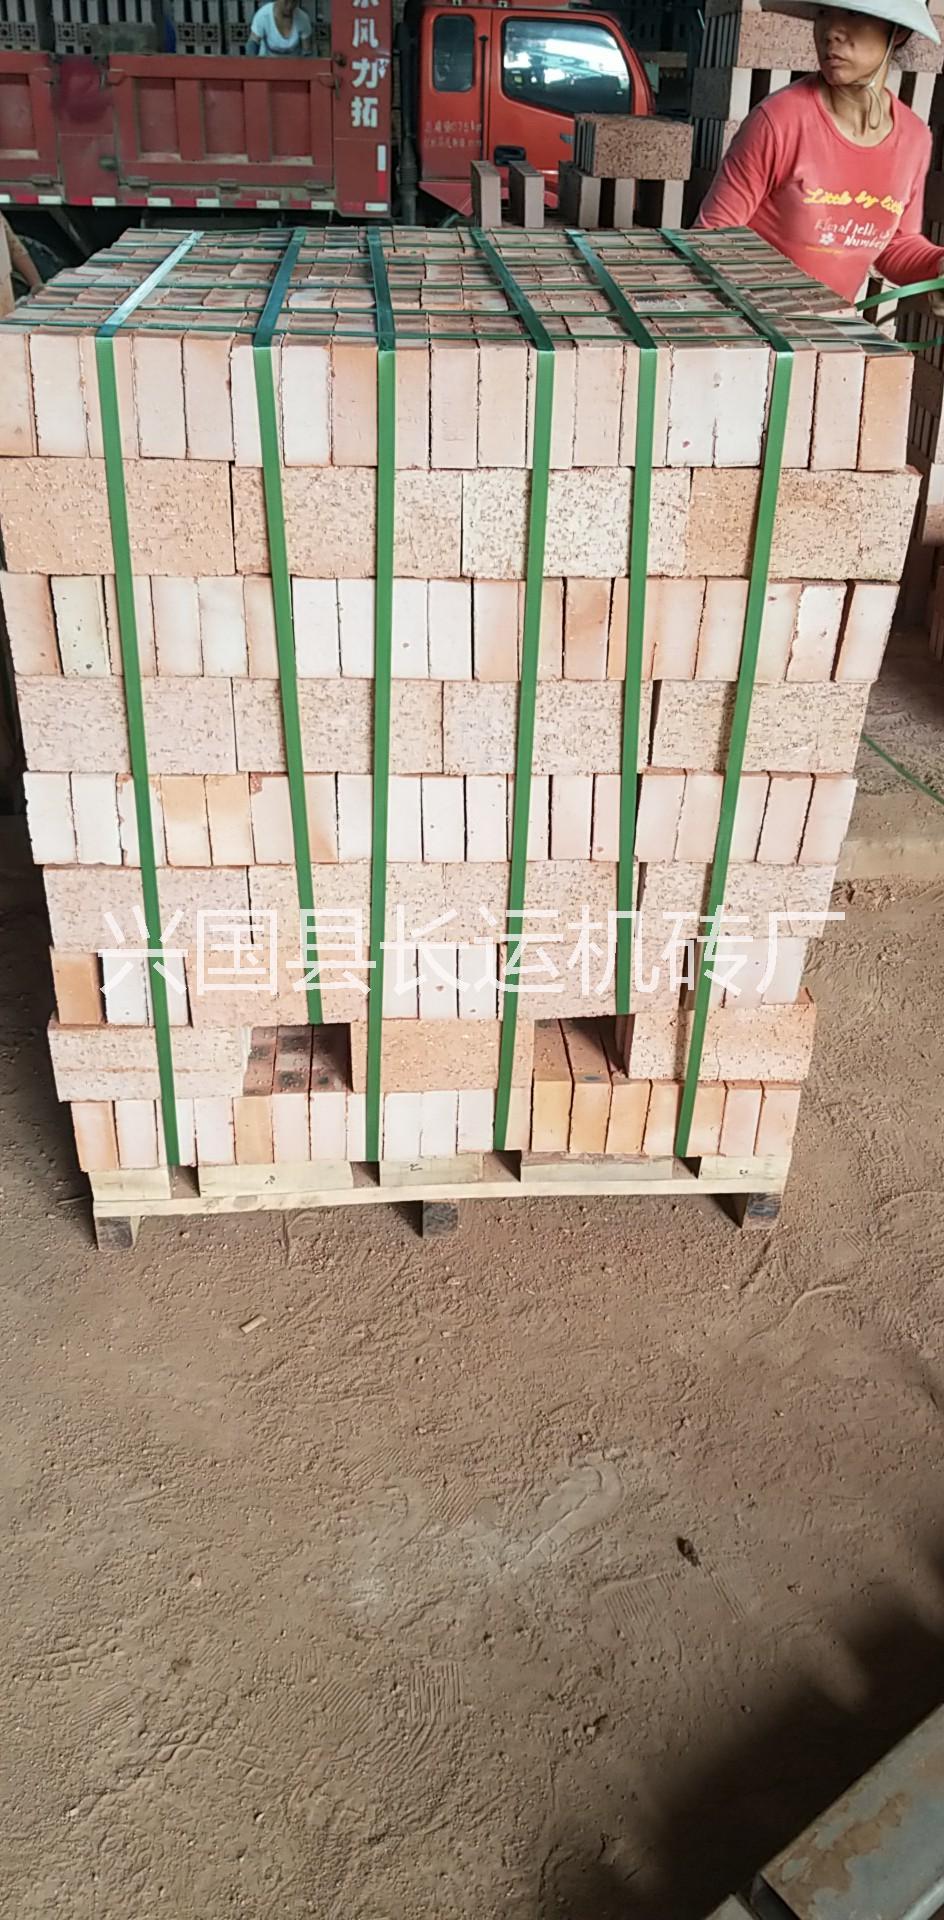 标砖(12砖)    赣州标砖价格    江西标砖厂家直销    赣州标砖供应商